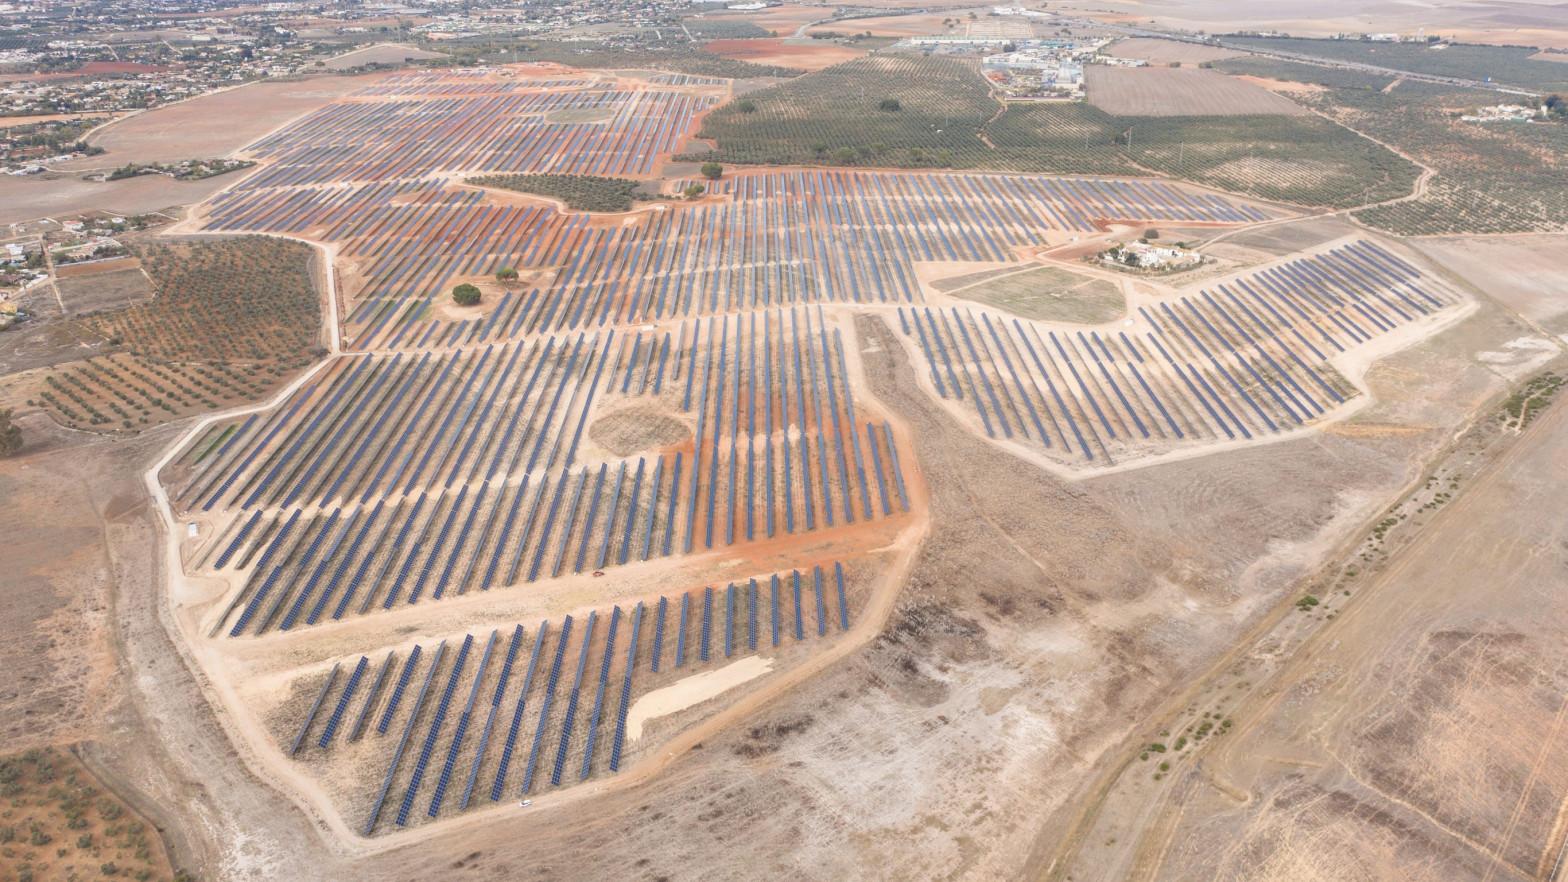 Planta fotovoltaica construida por OPDEnergy en Alcalá de Guadaíra (Sevilla).